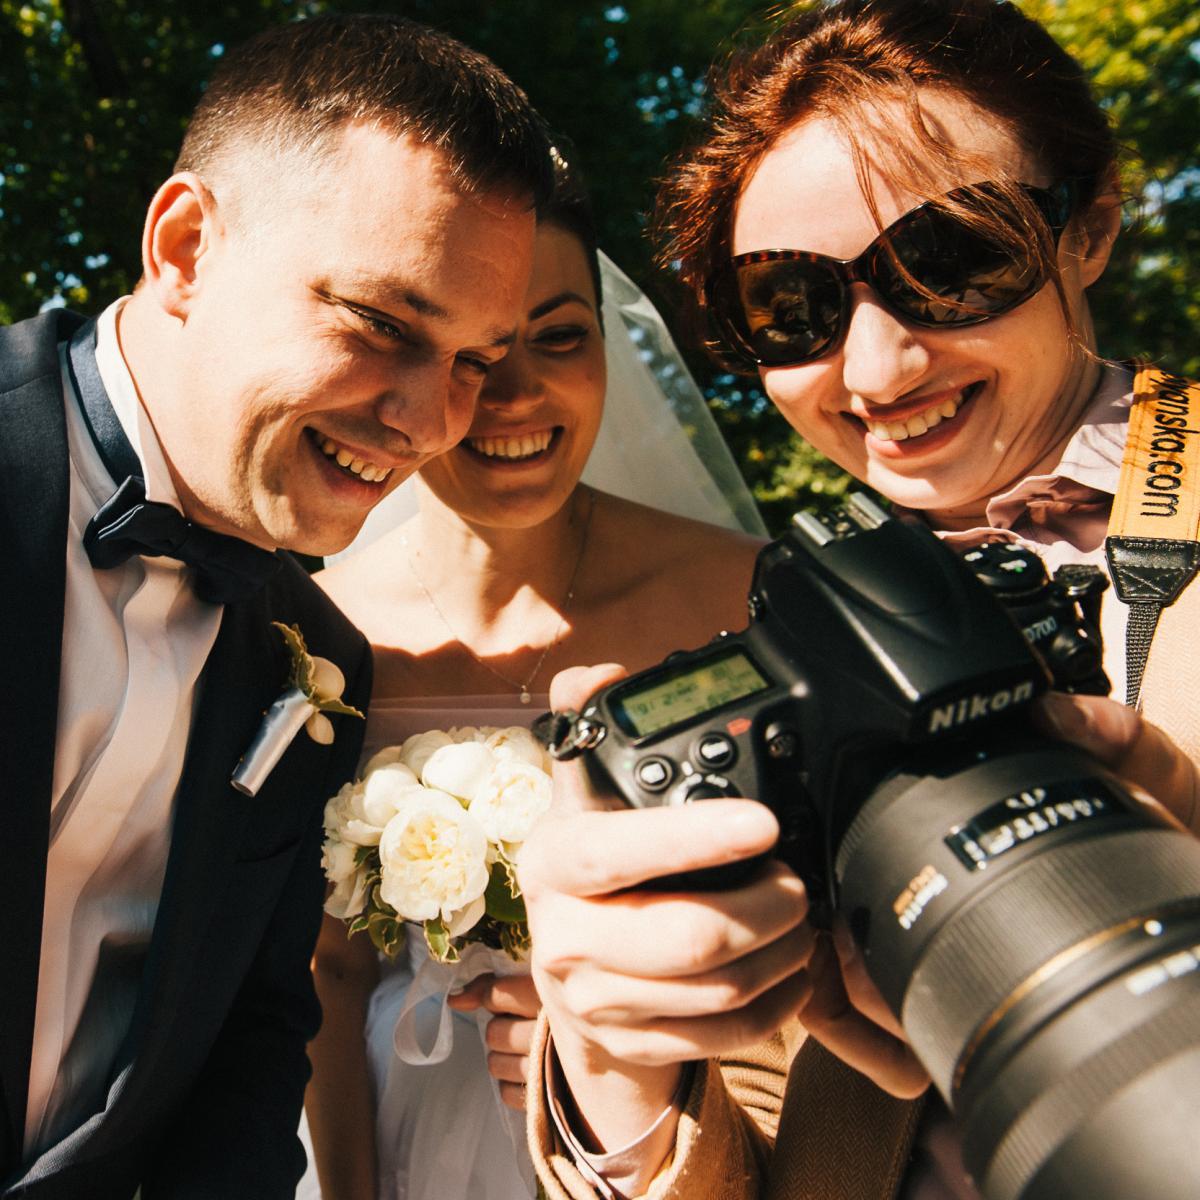 переживайте, какую цену просить фотографу быстро